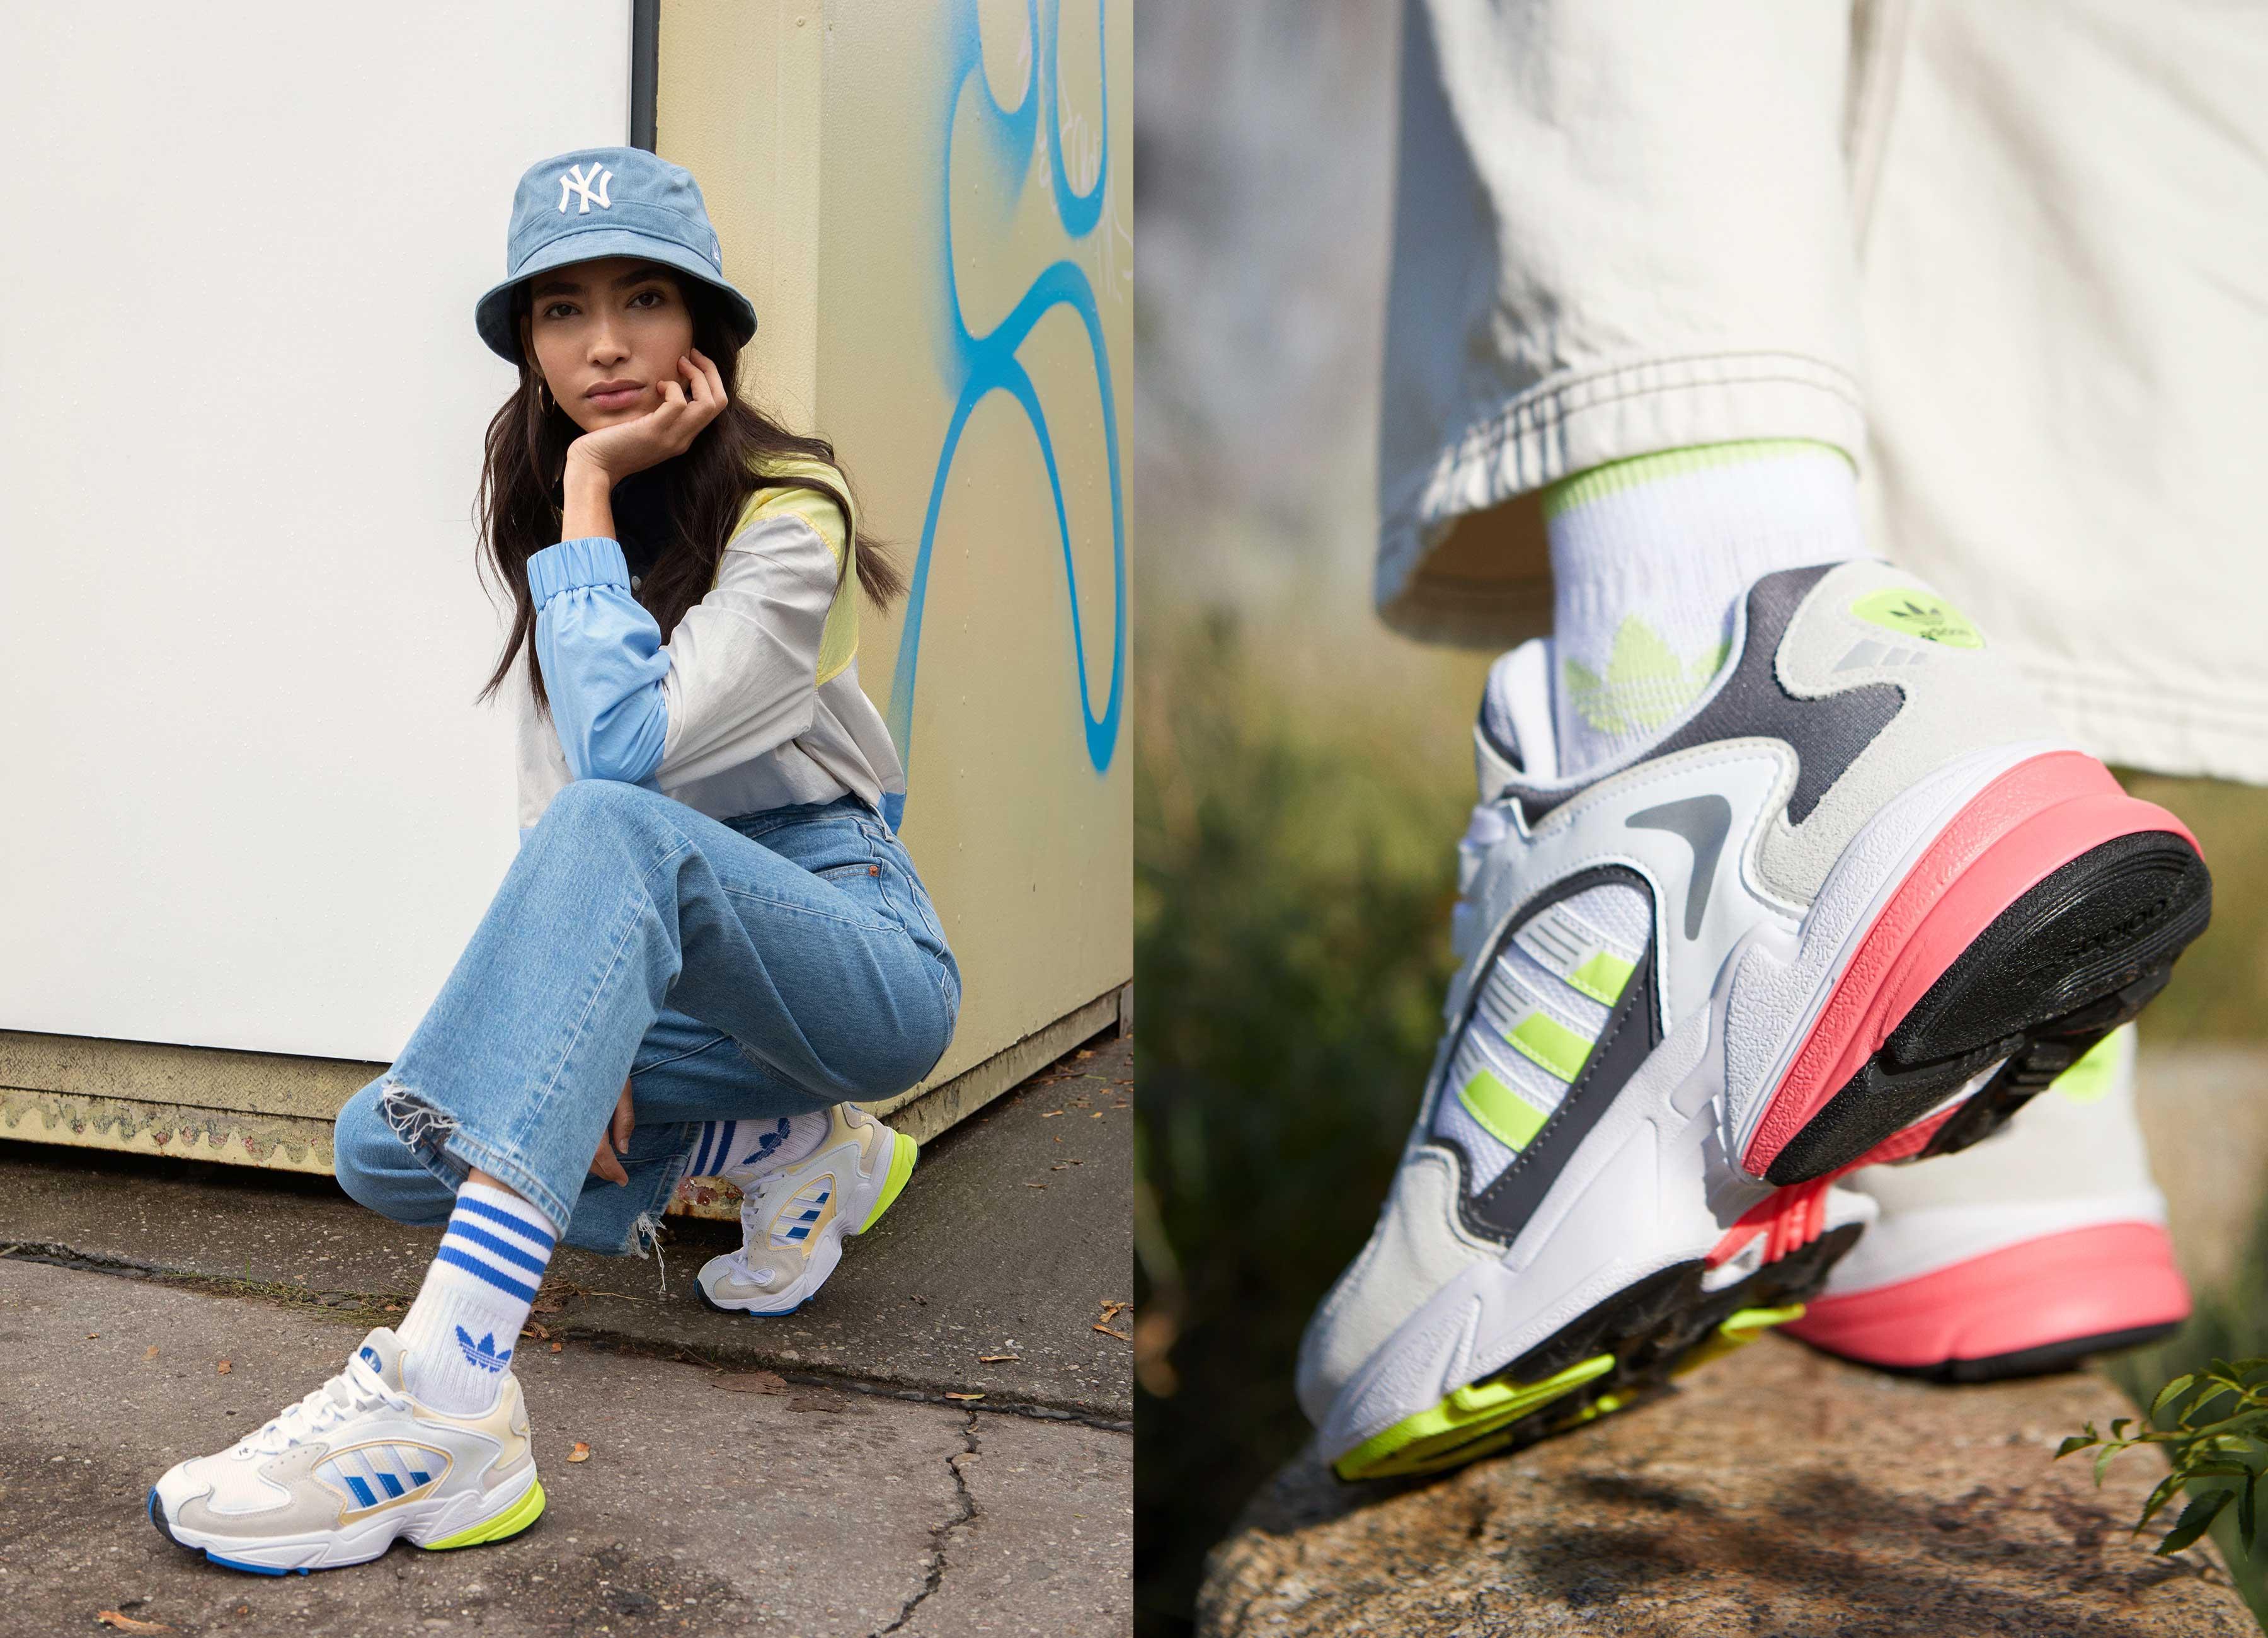 adidas Falcon 2000 dames sneakers -70% - 2 kleuren @ Zalando